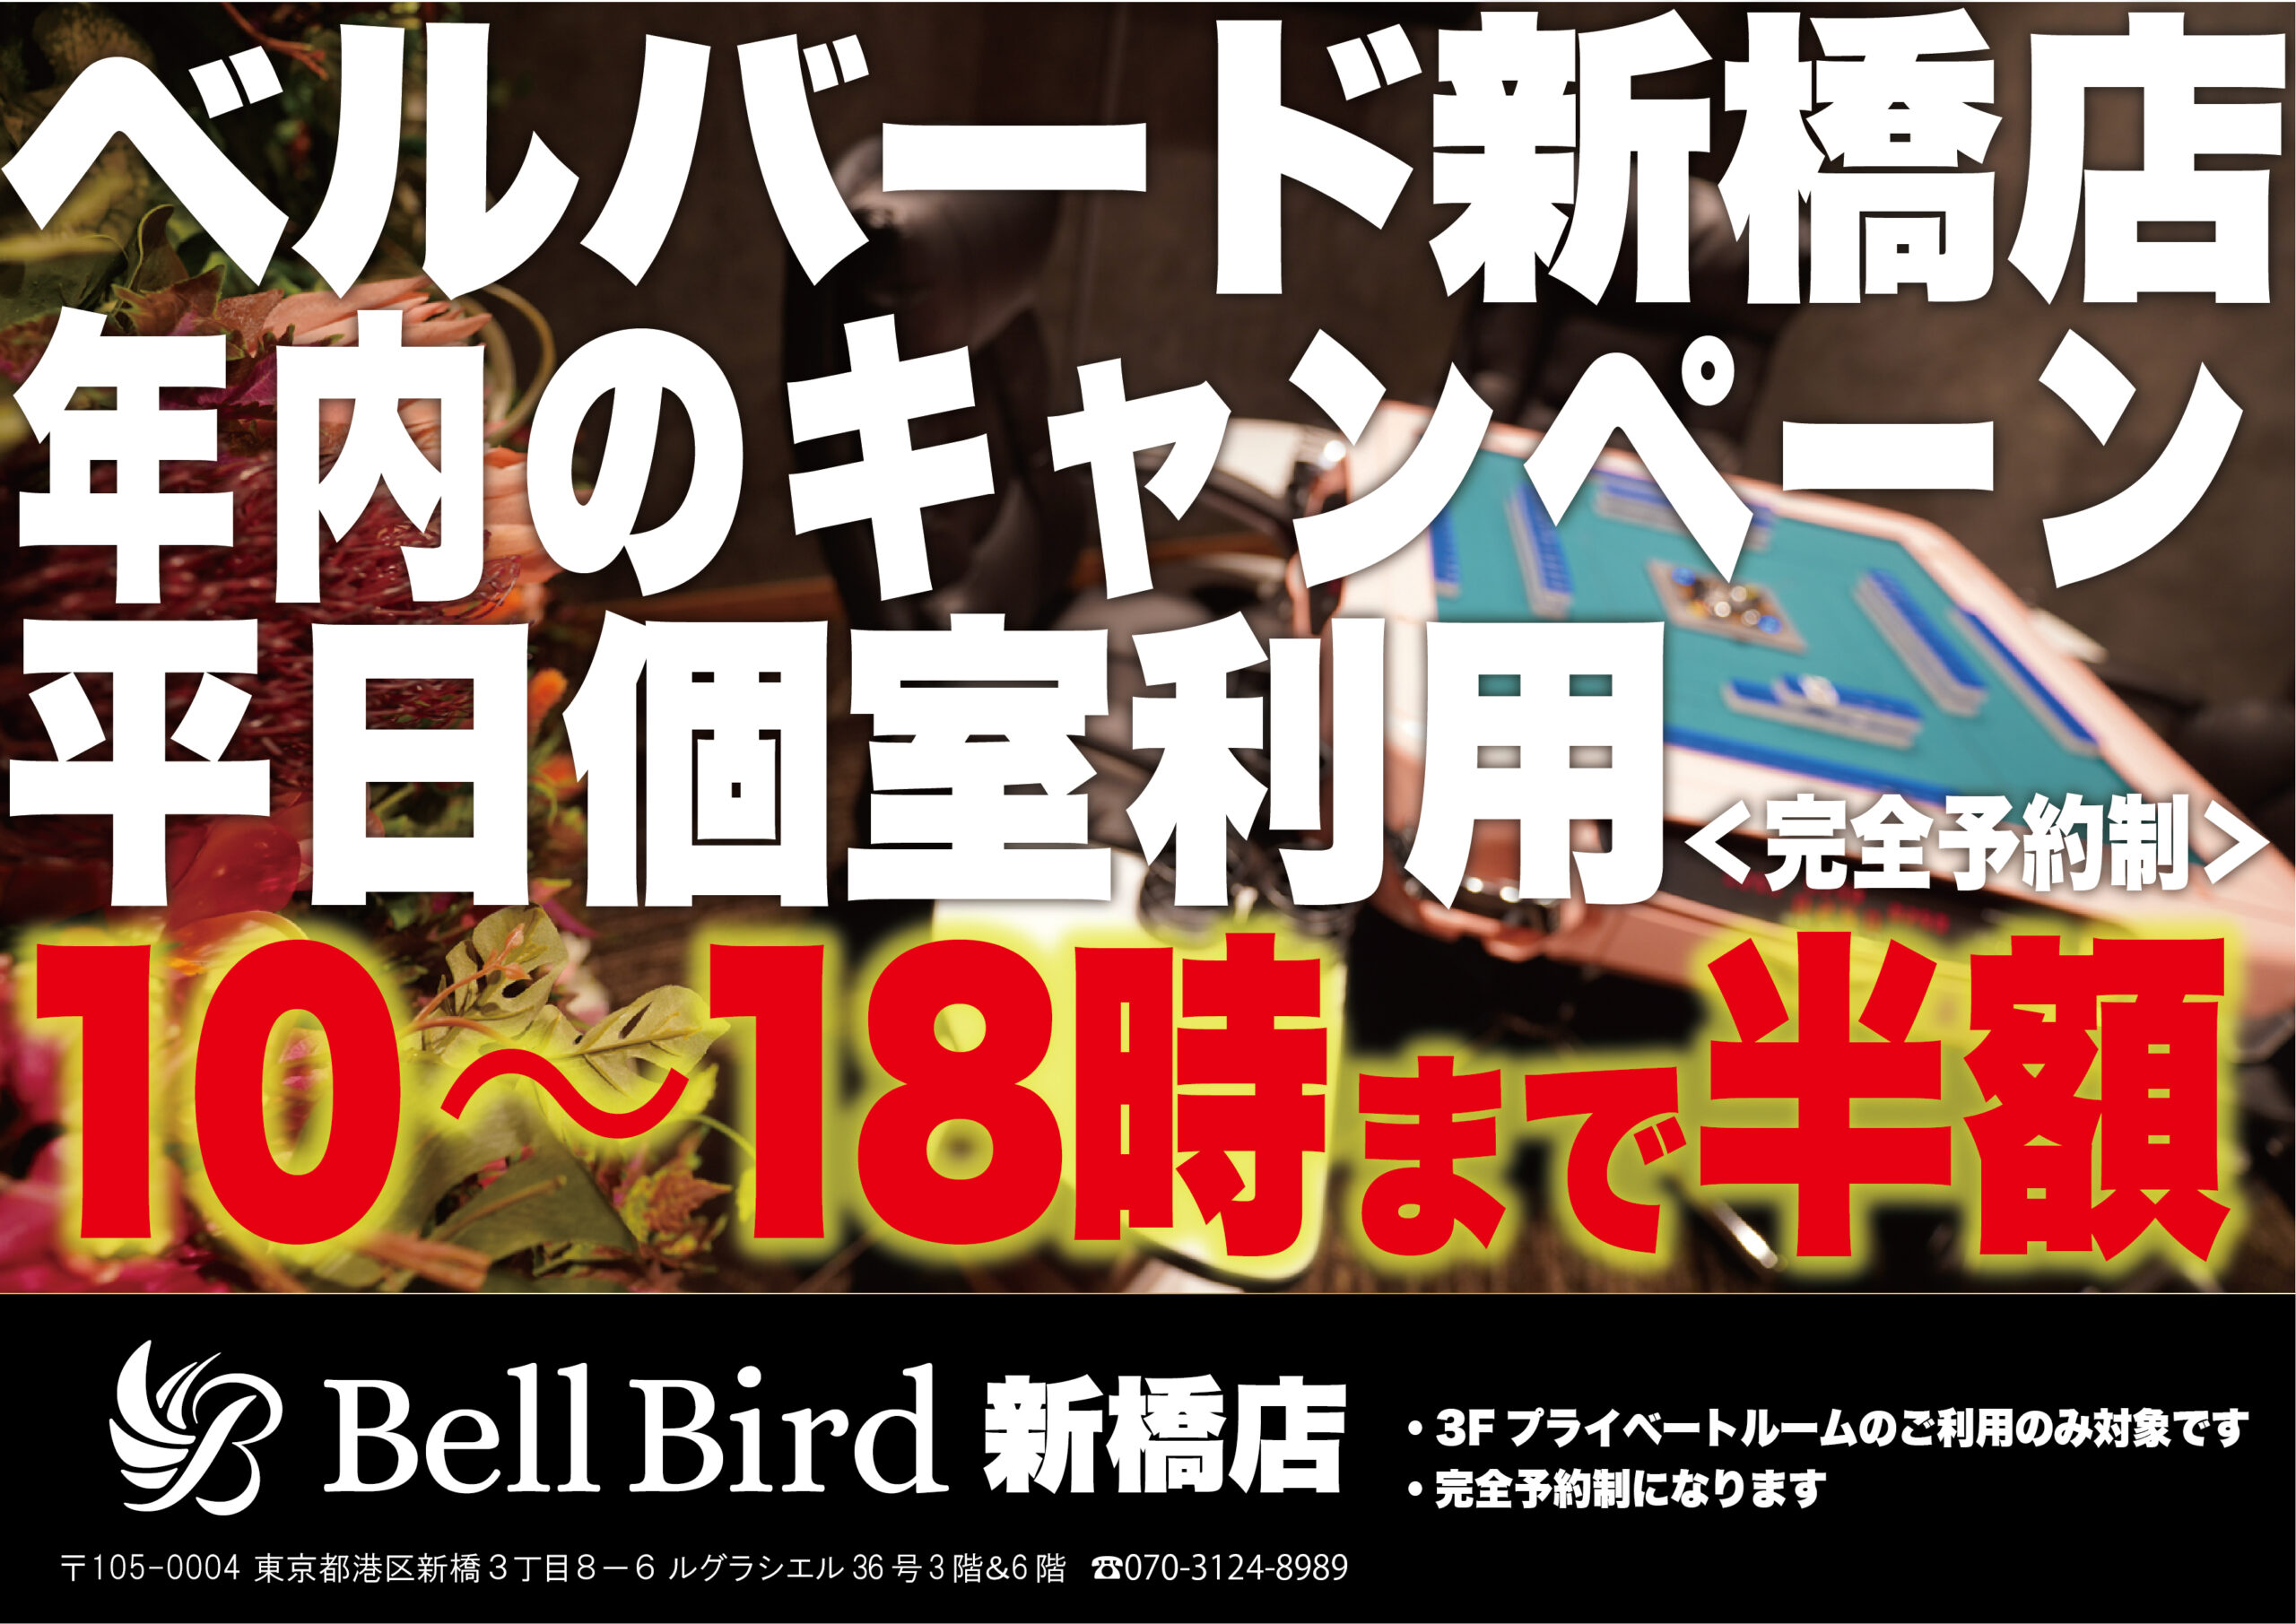 【10月】セットフロアキャンペーン!!